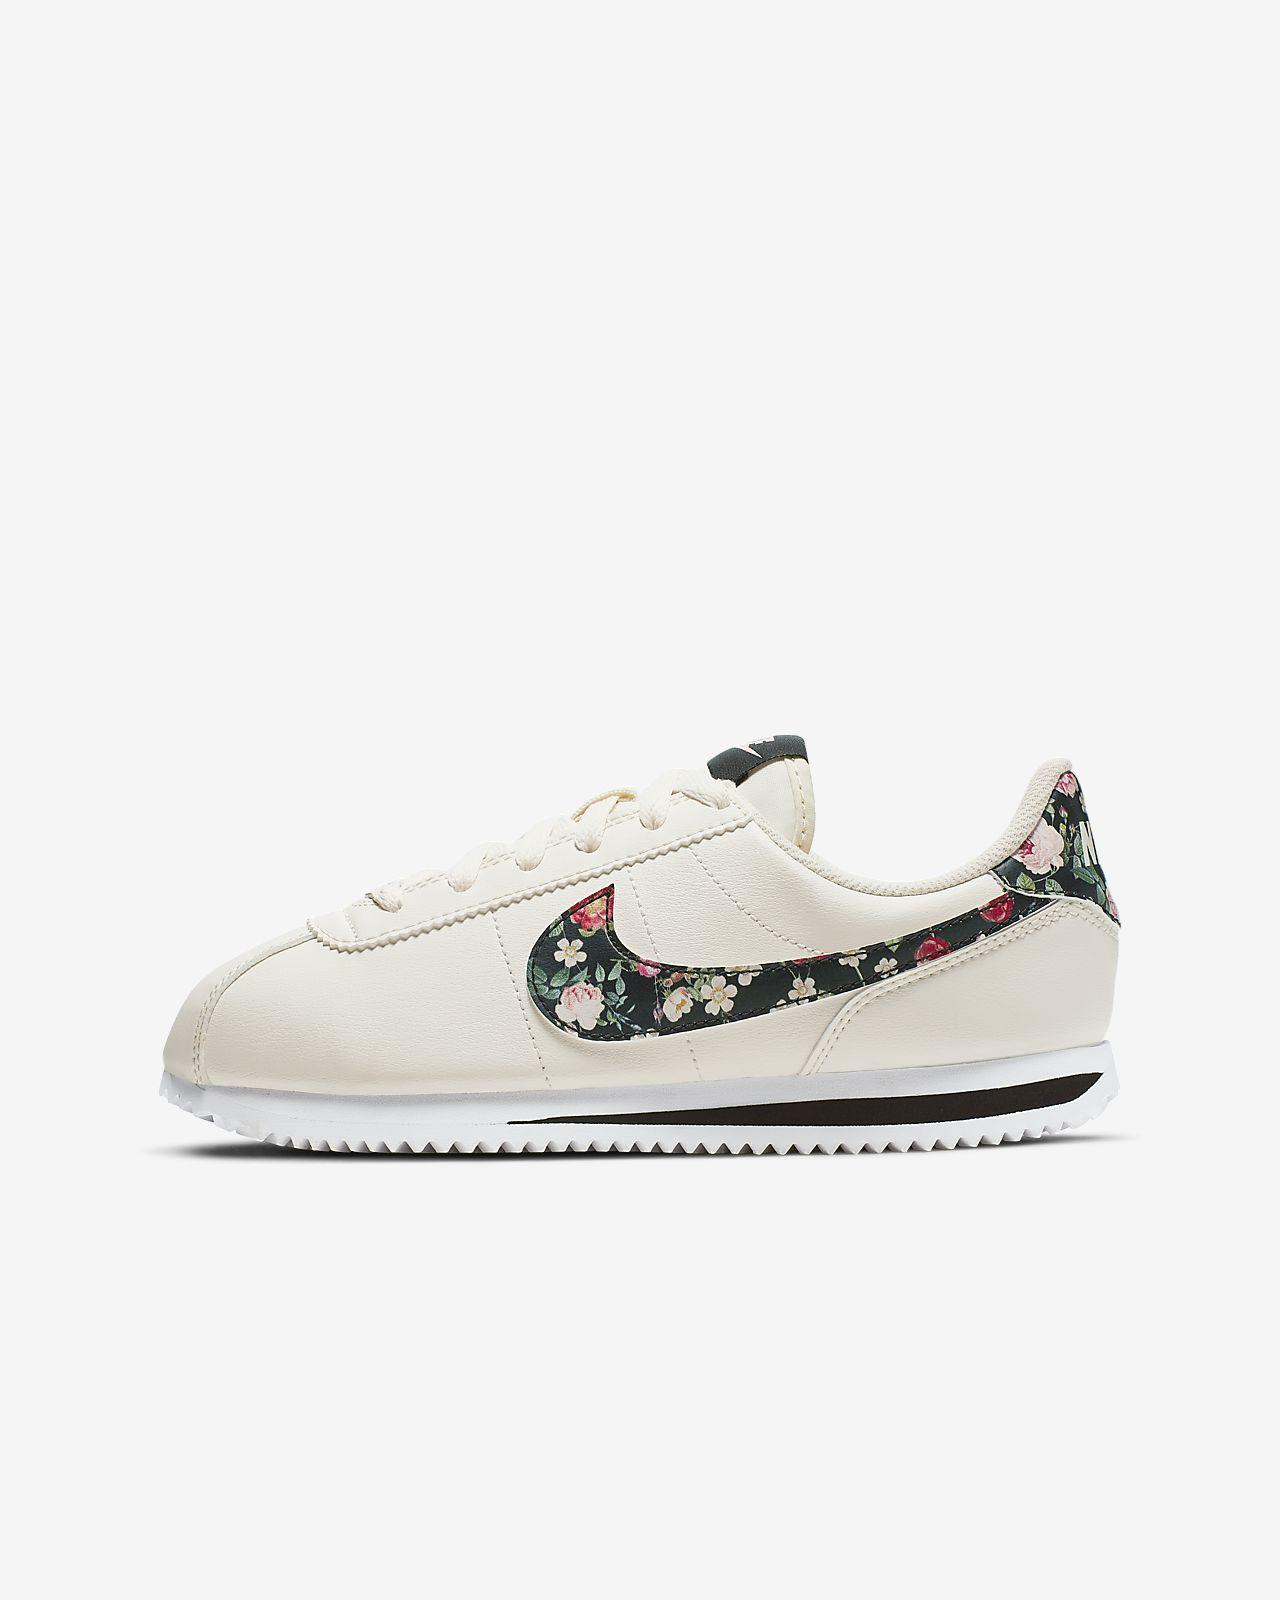 Nike Cortez Basic Vintage Floral Schuh für ältere Kinder